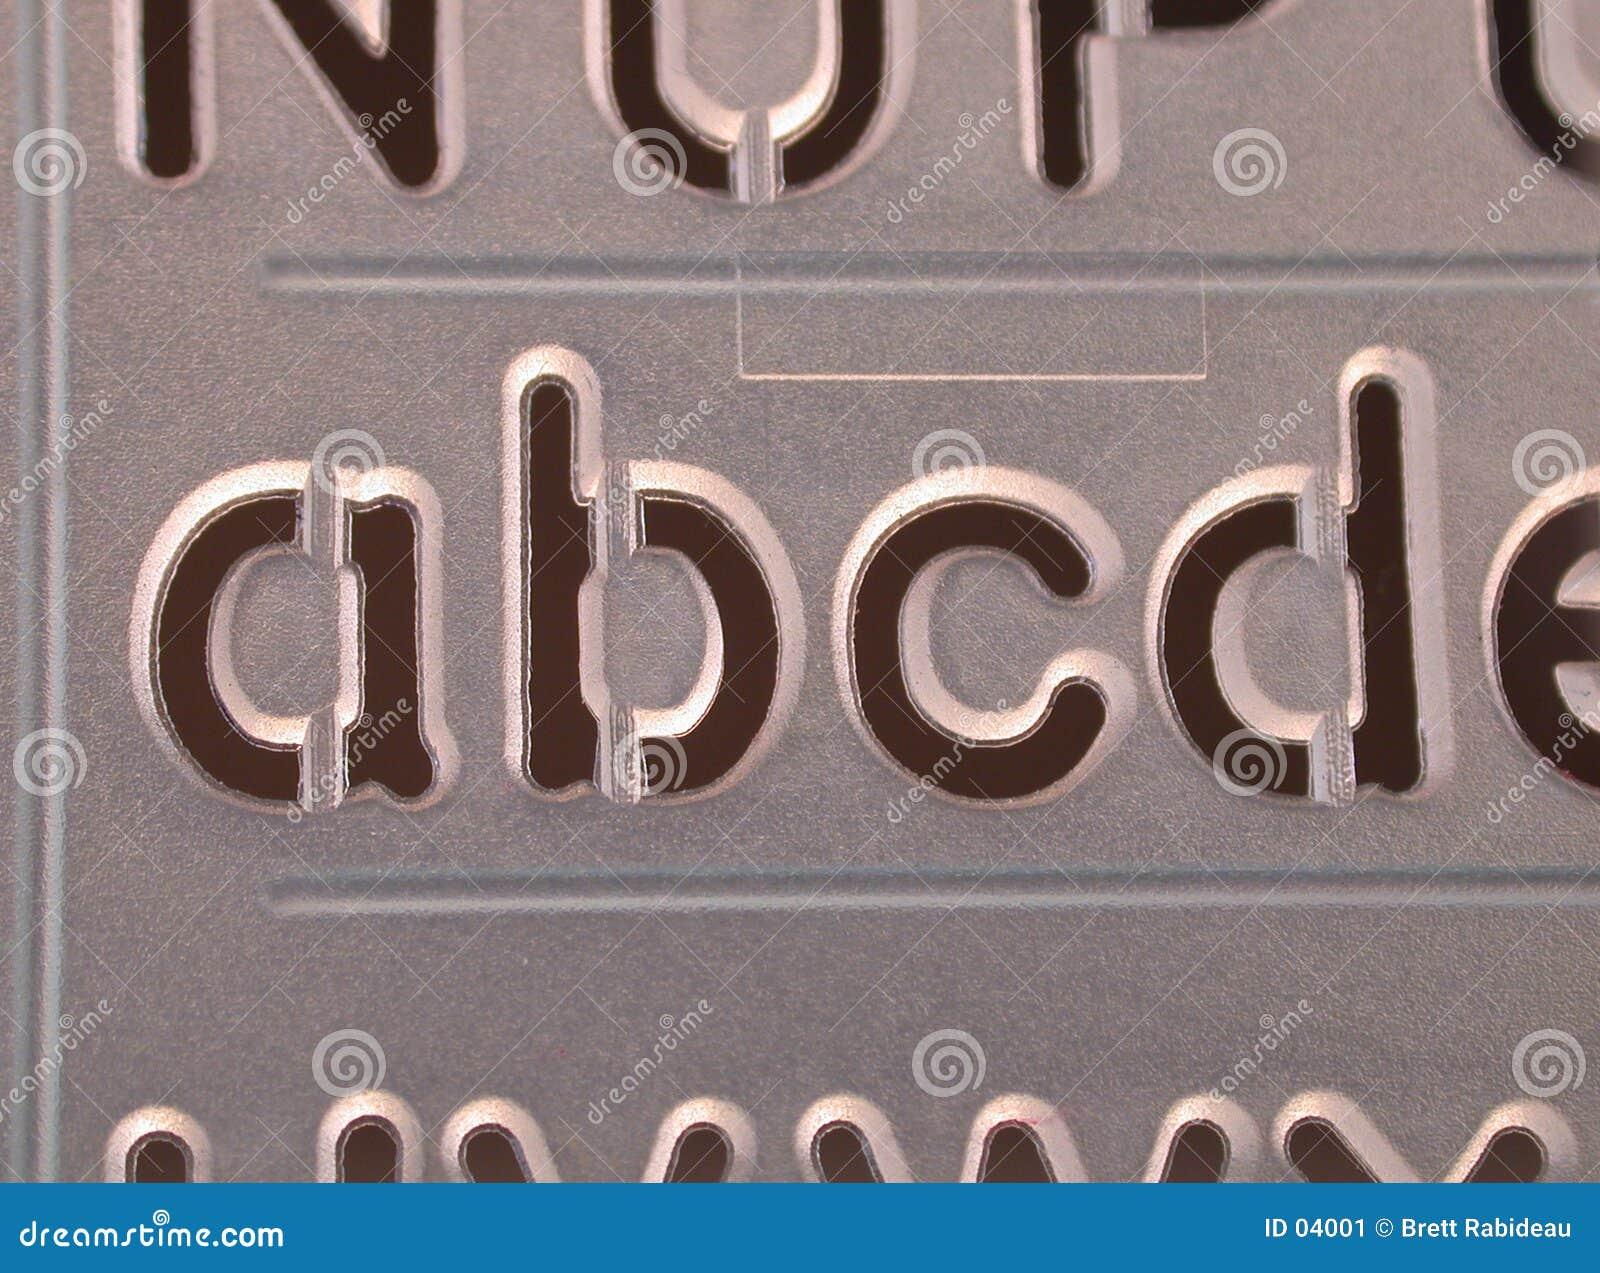 Abcd stencil